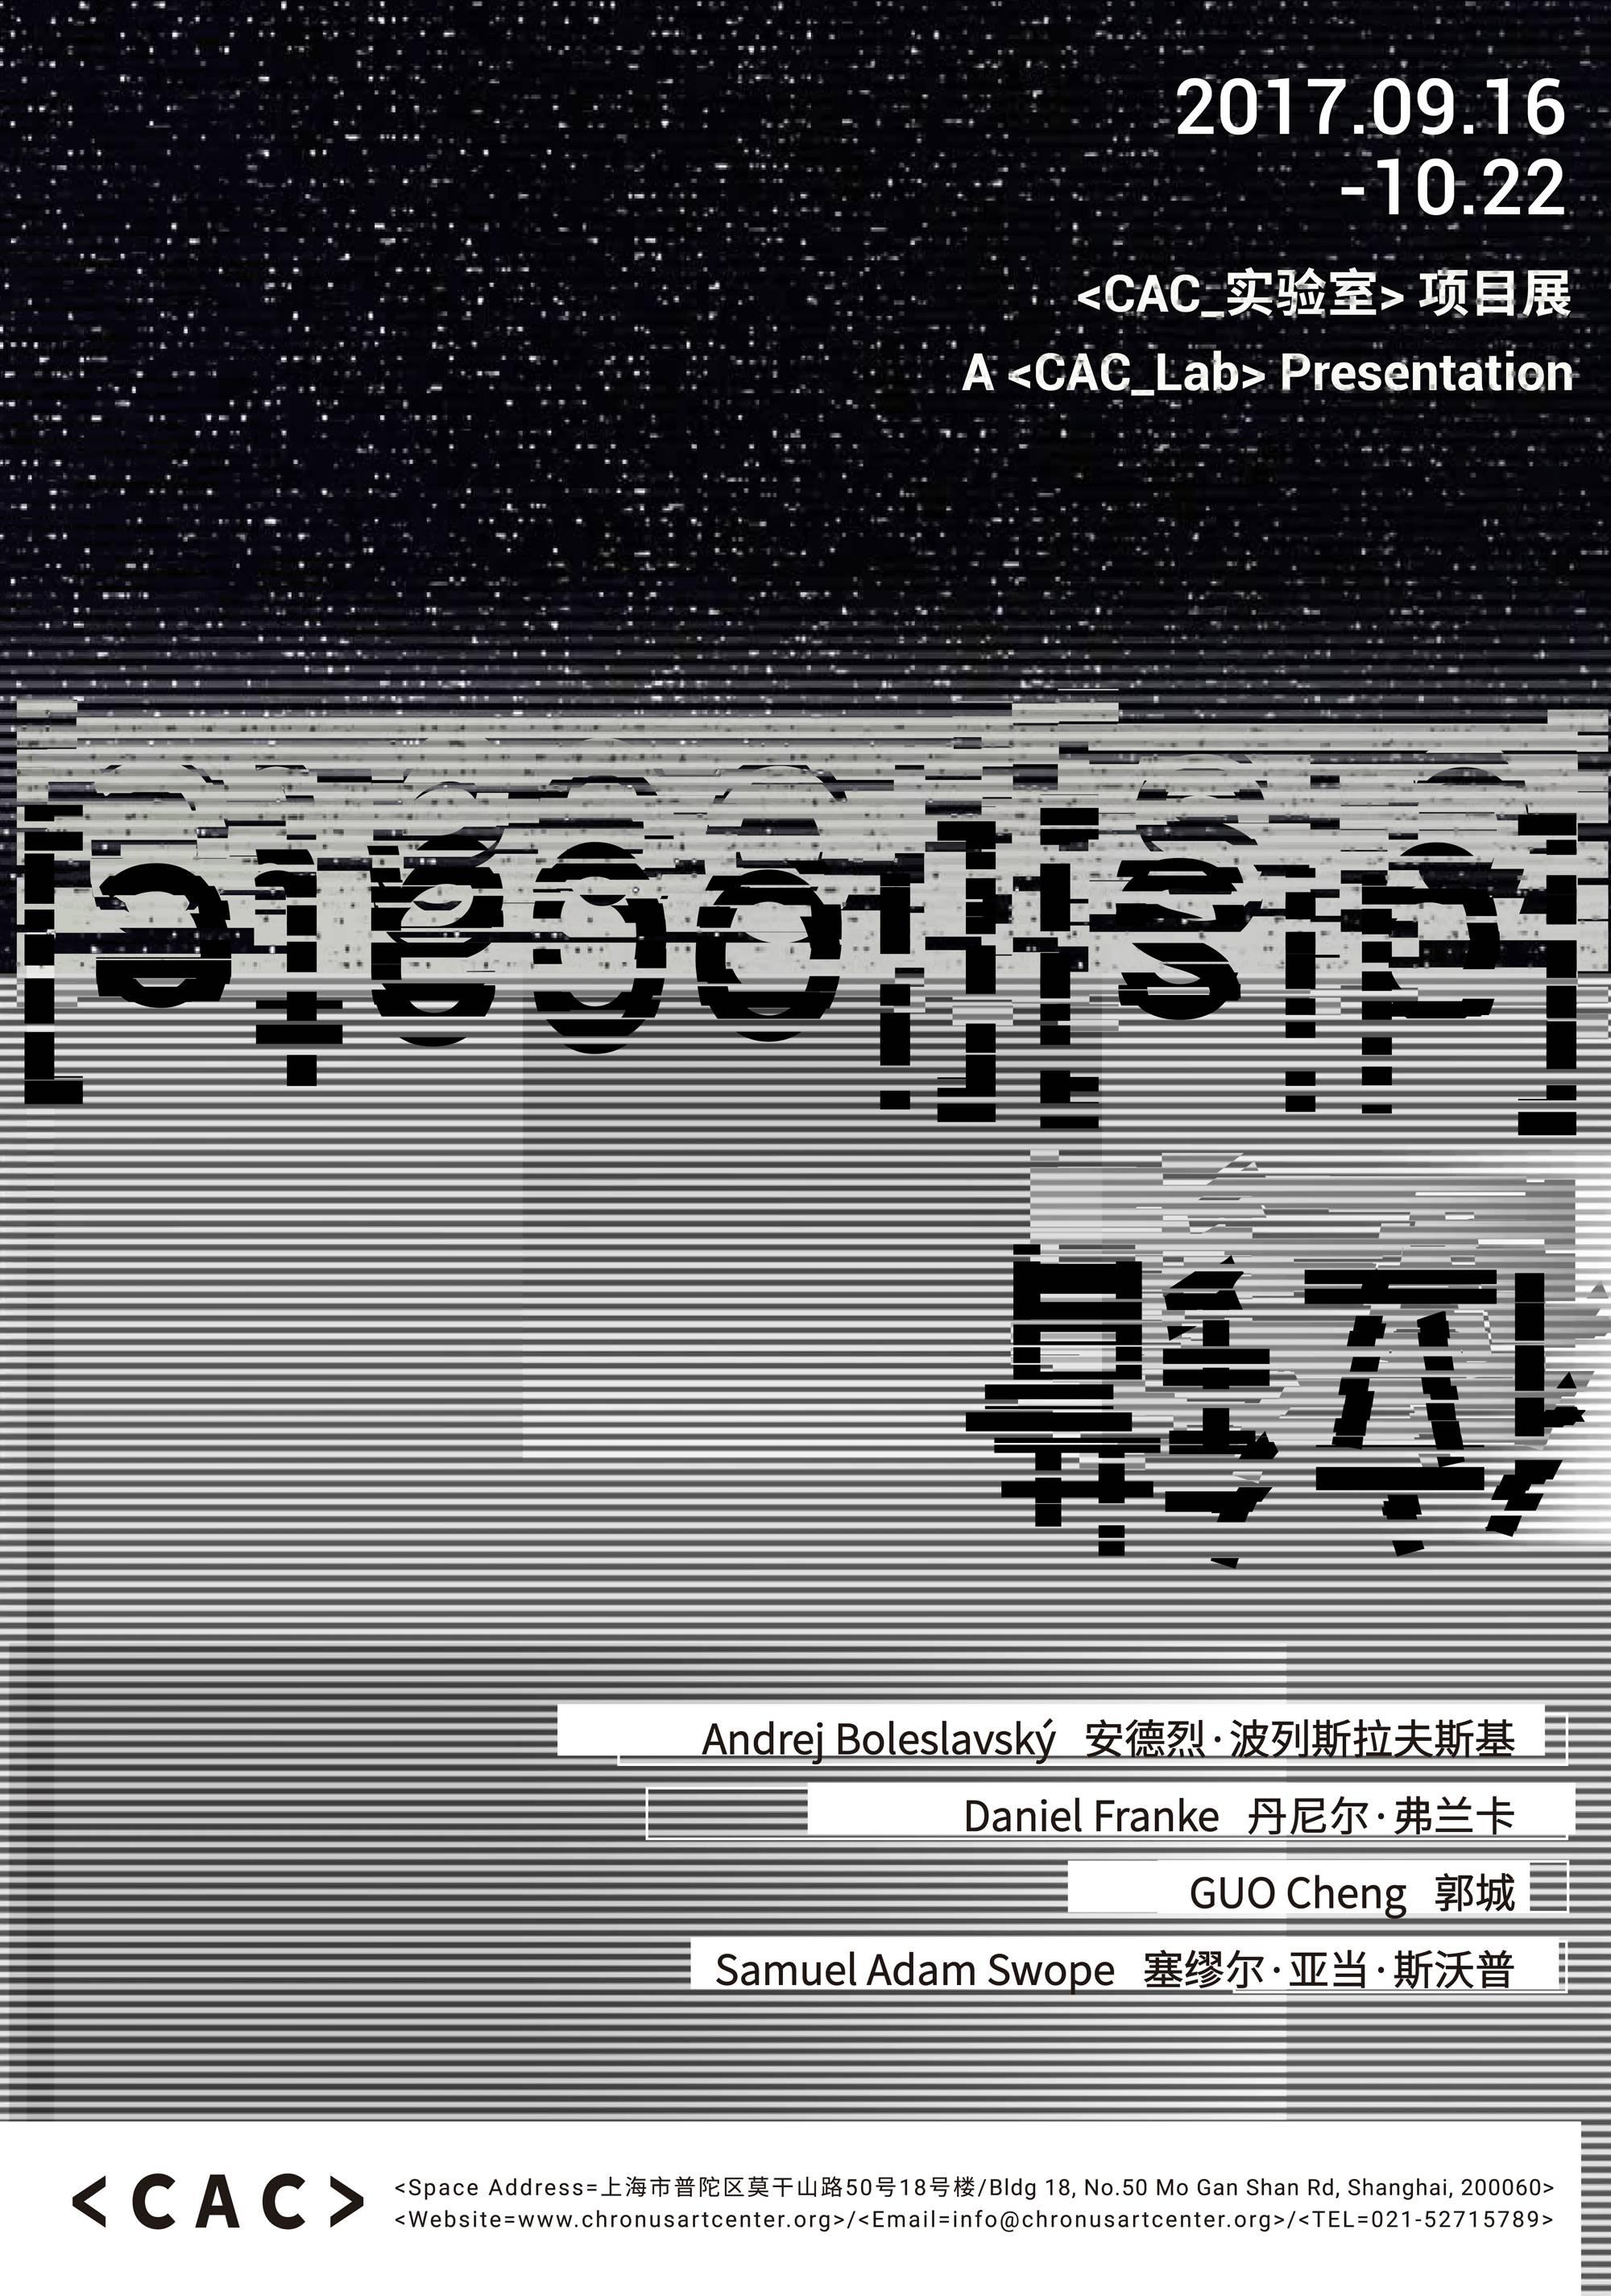 [dis][locate] at the Chronus Art Center in Shanghai, until October 22th 2017.